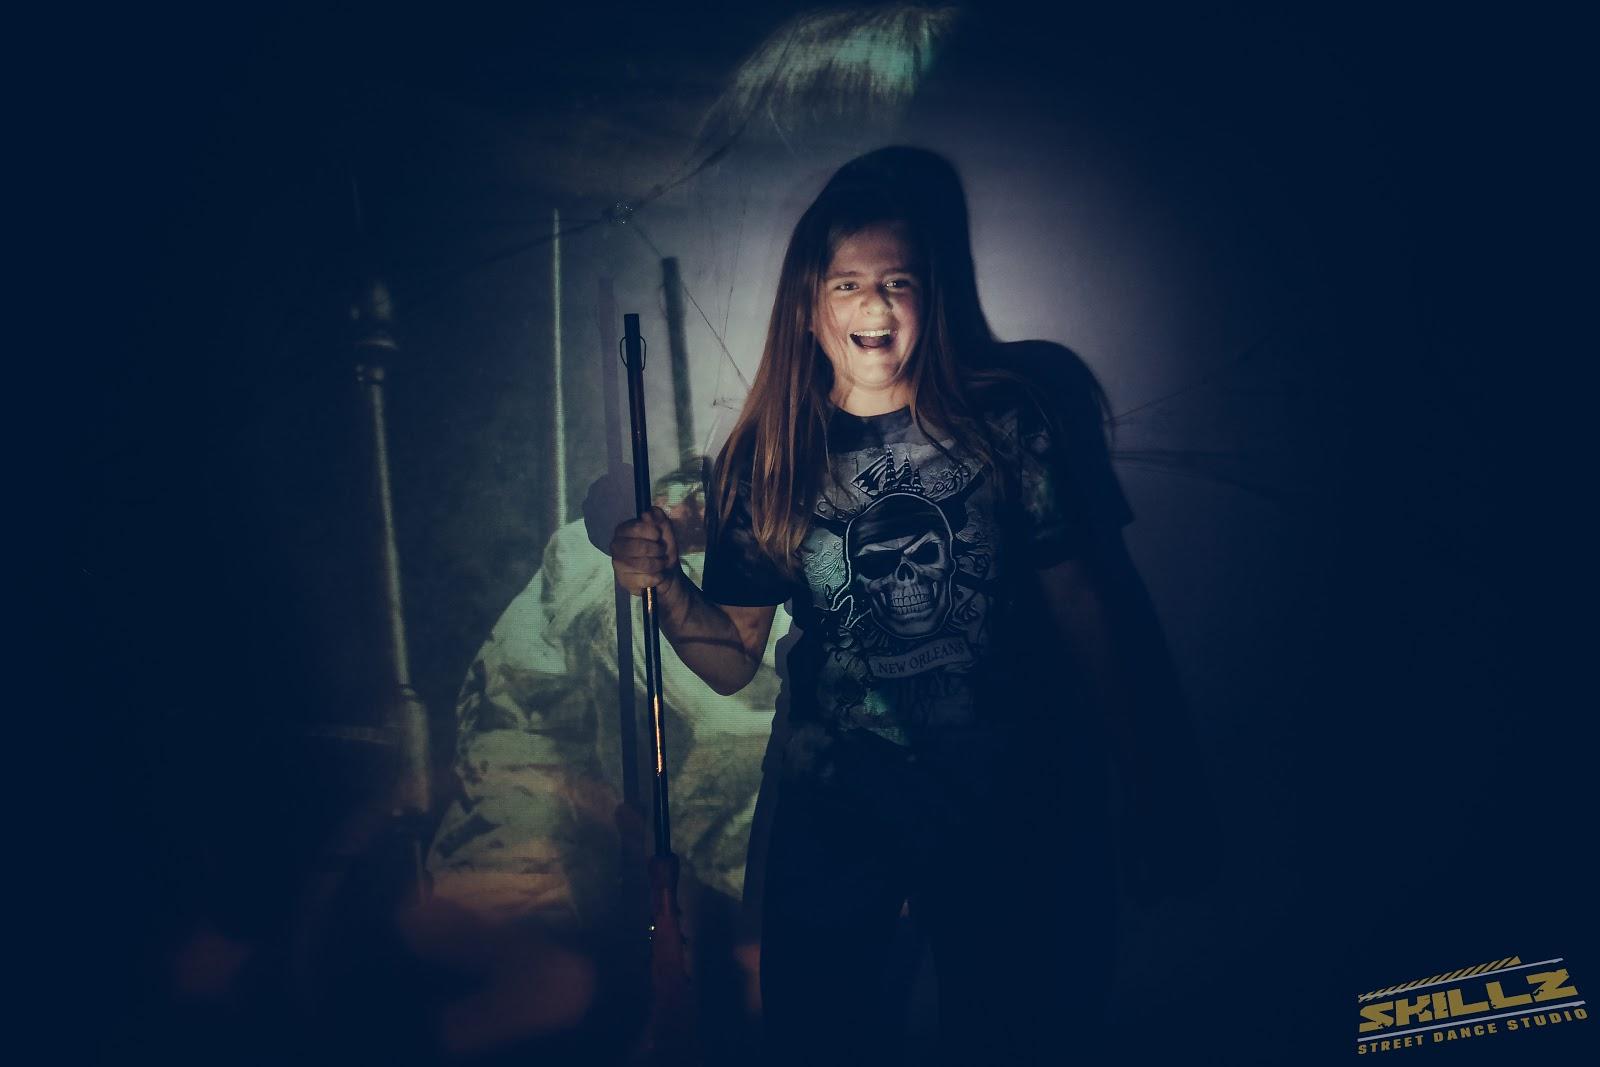 Naujikų krikštynos @SKILLZ (Halloween tema) - PANA1583.jpg